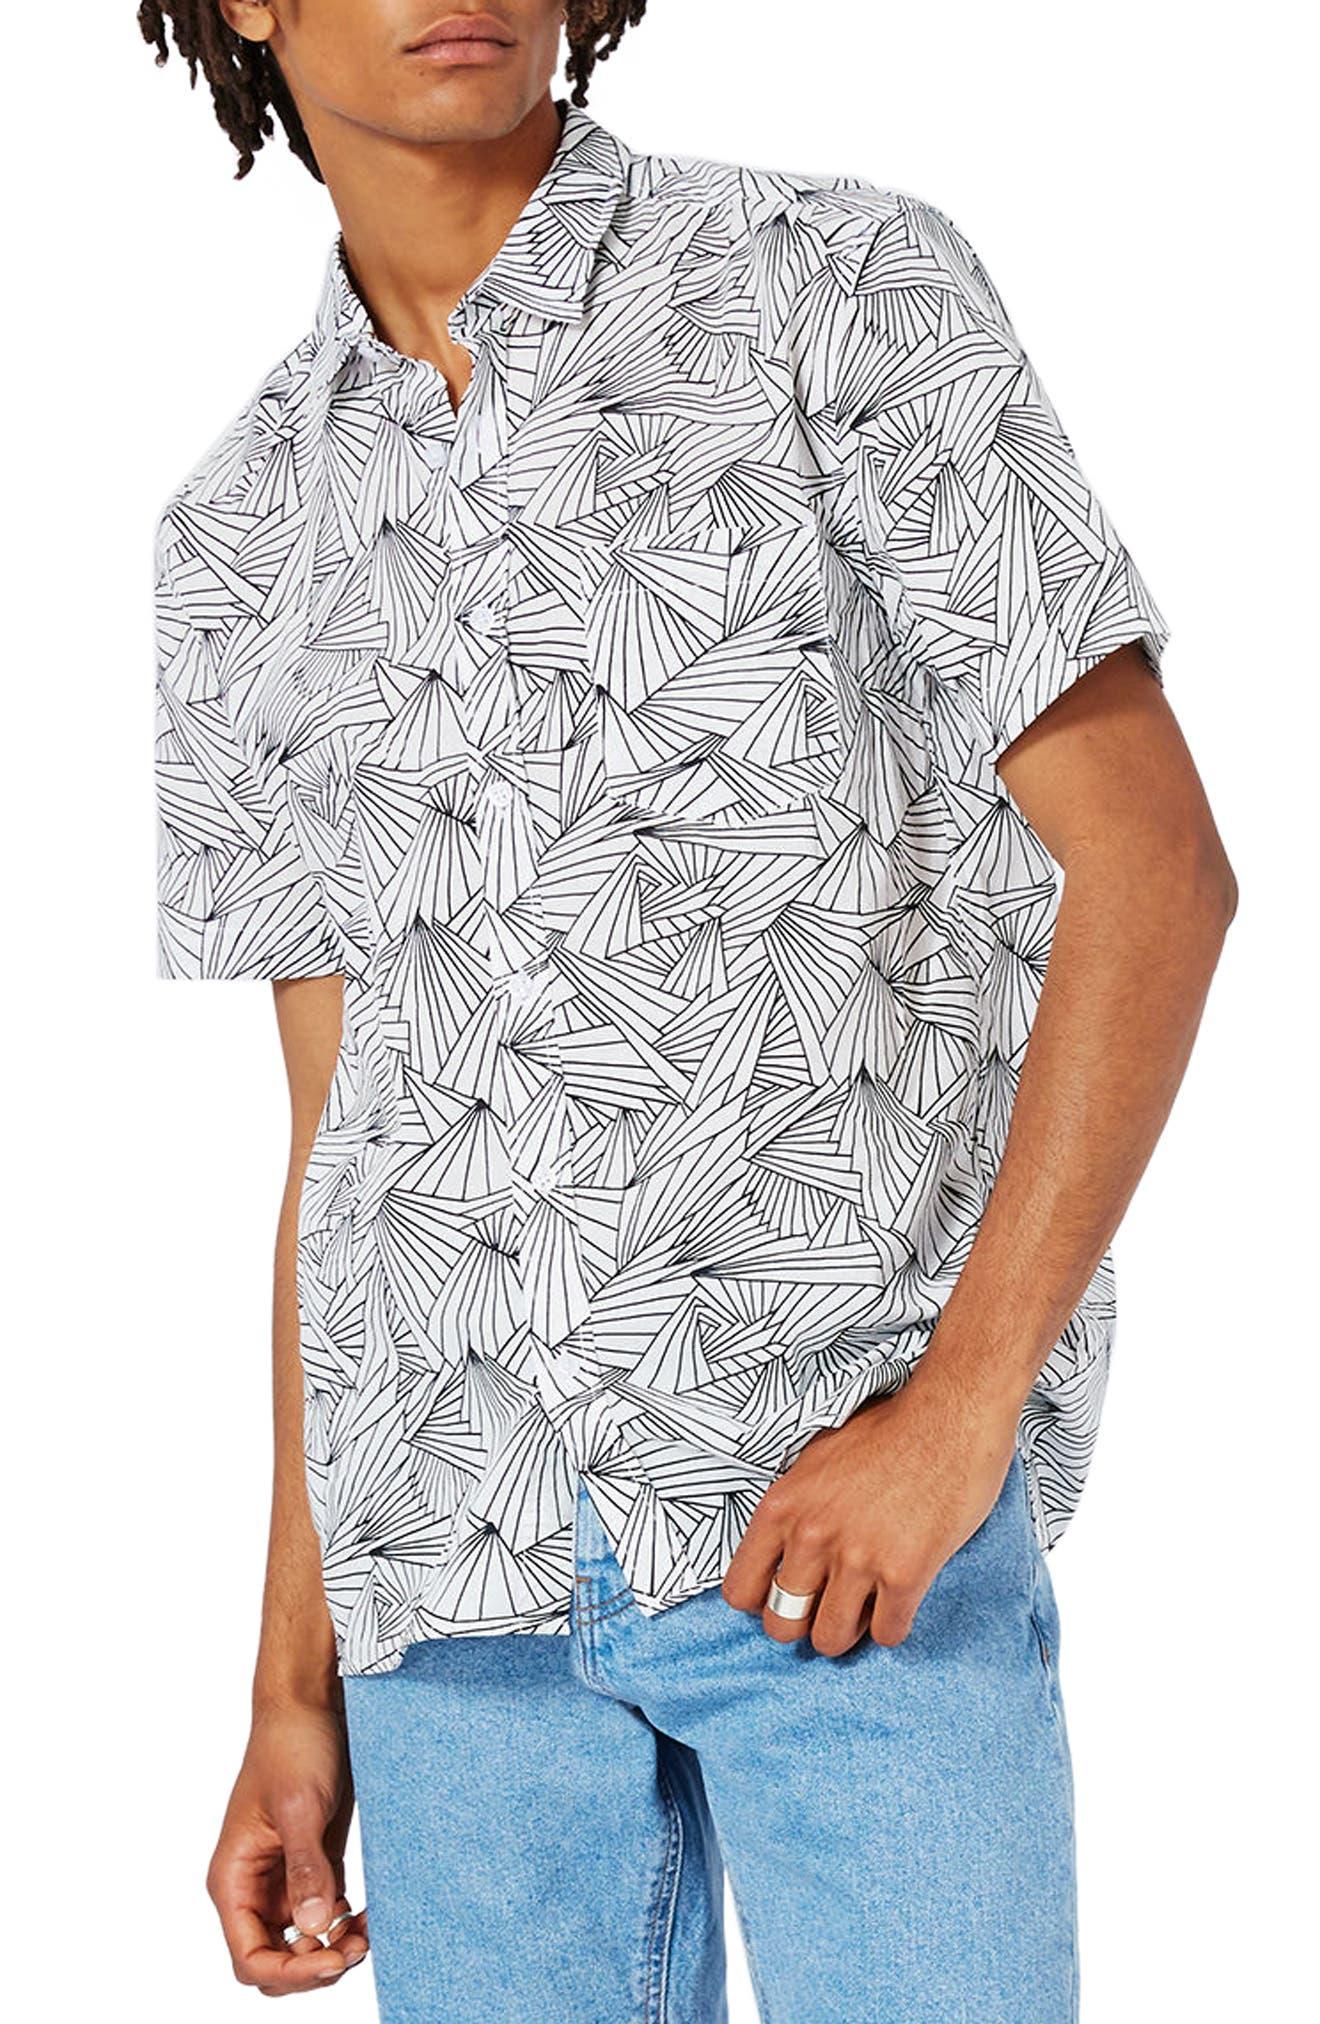 Topman Prism Print Shirt